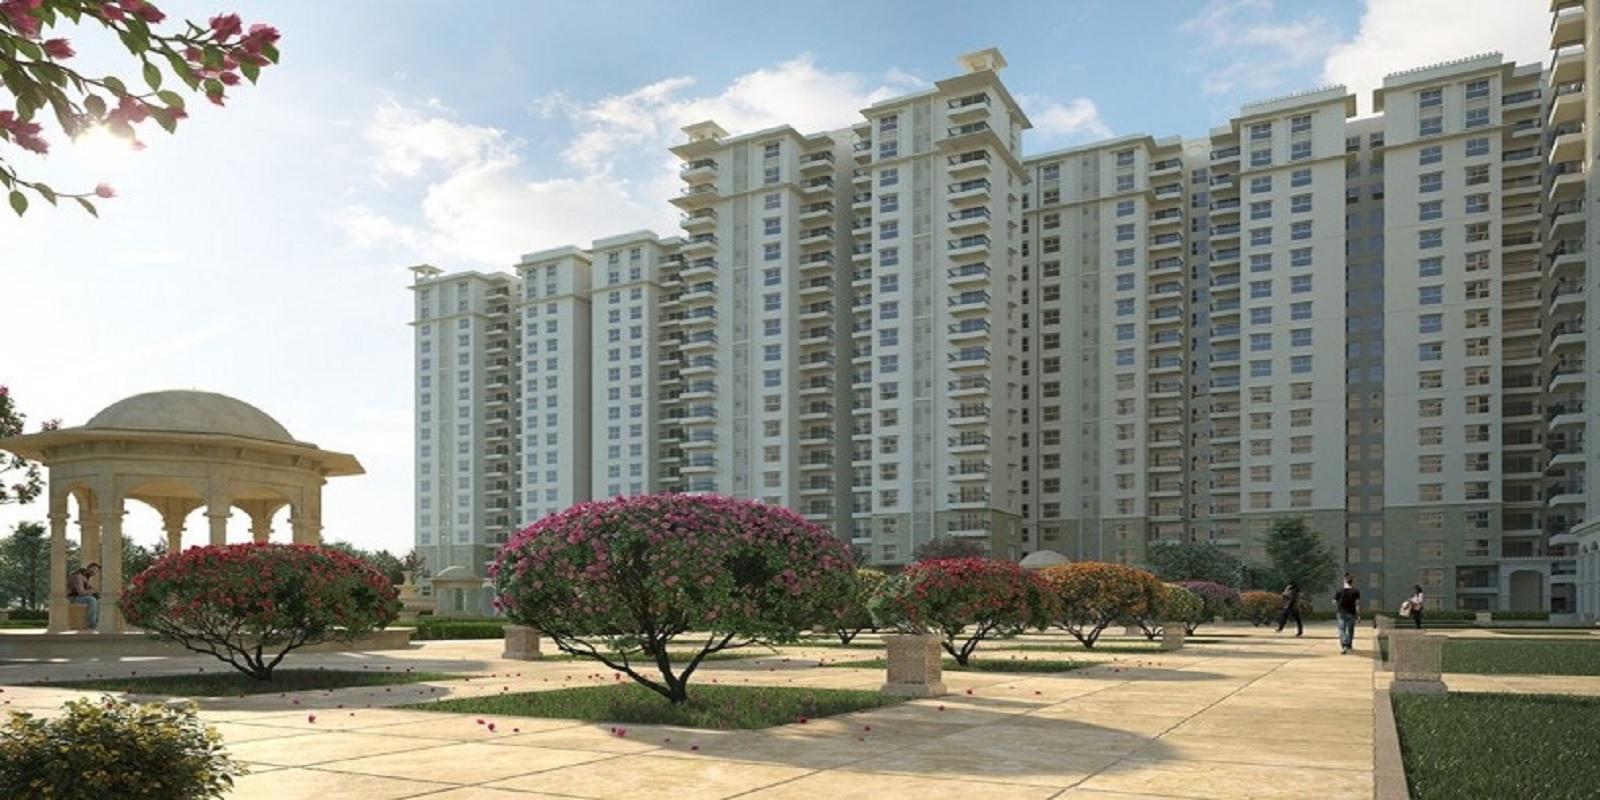 sobha royal pavilion phase 8 project project large image1